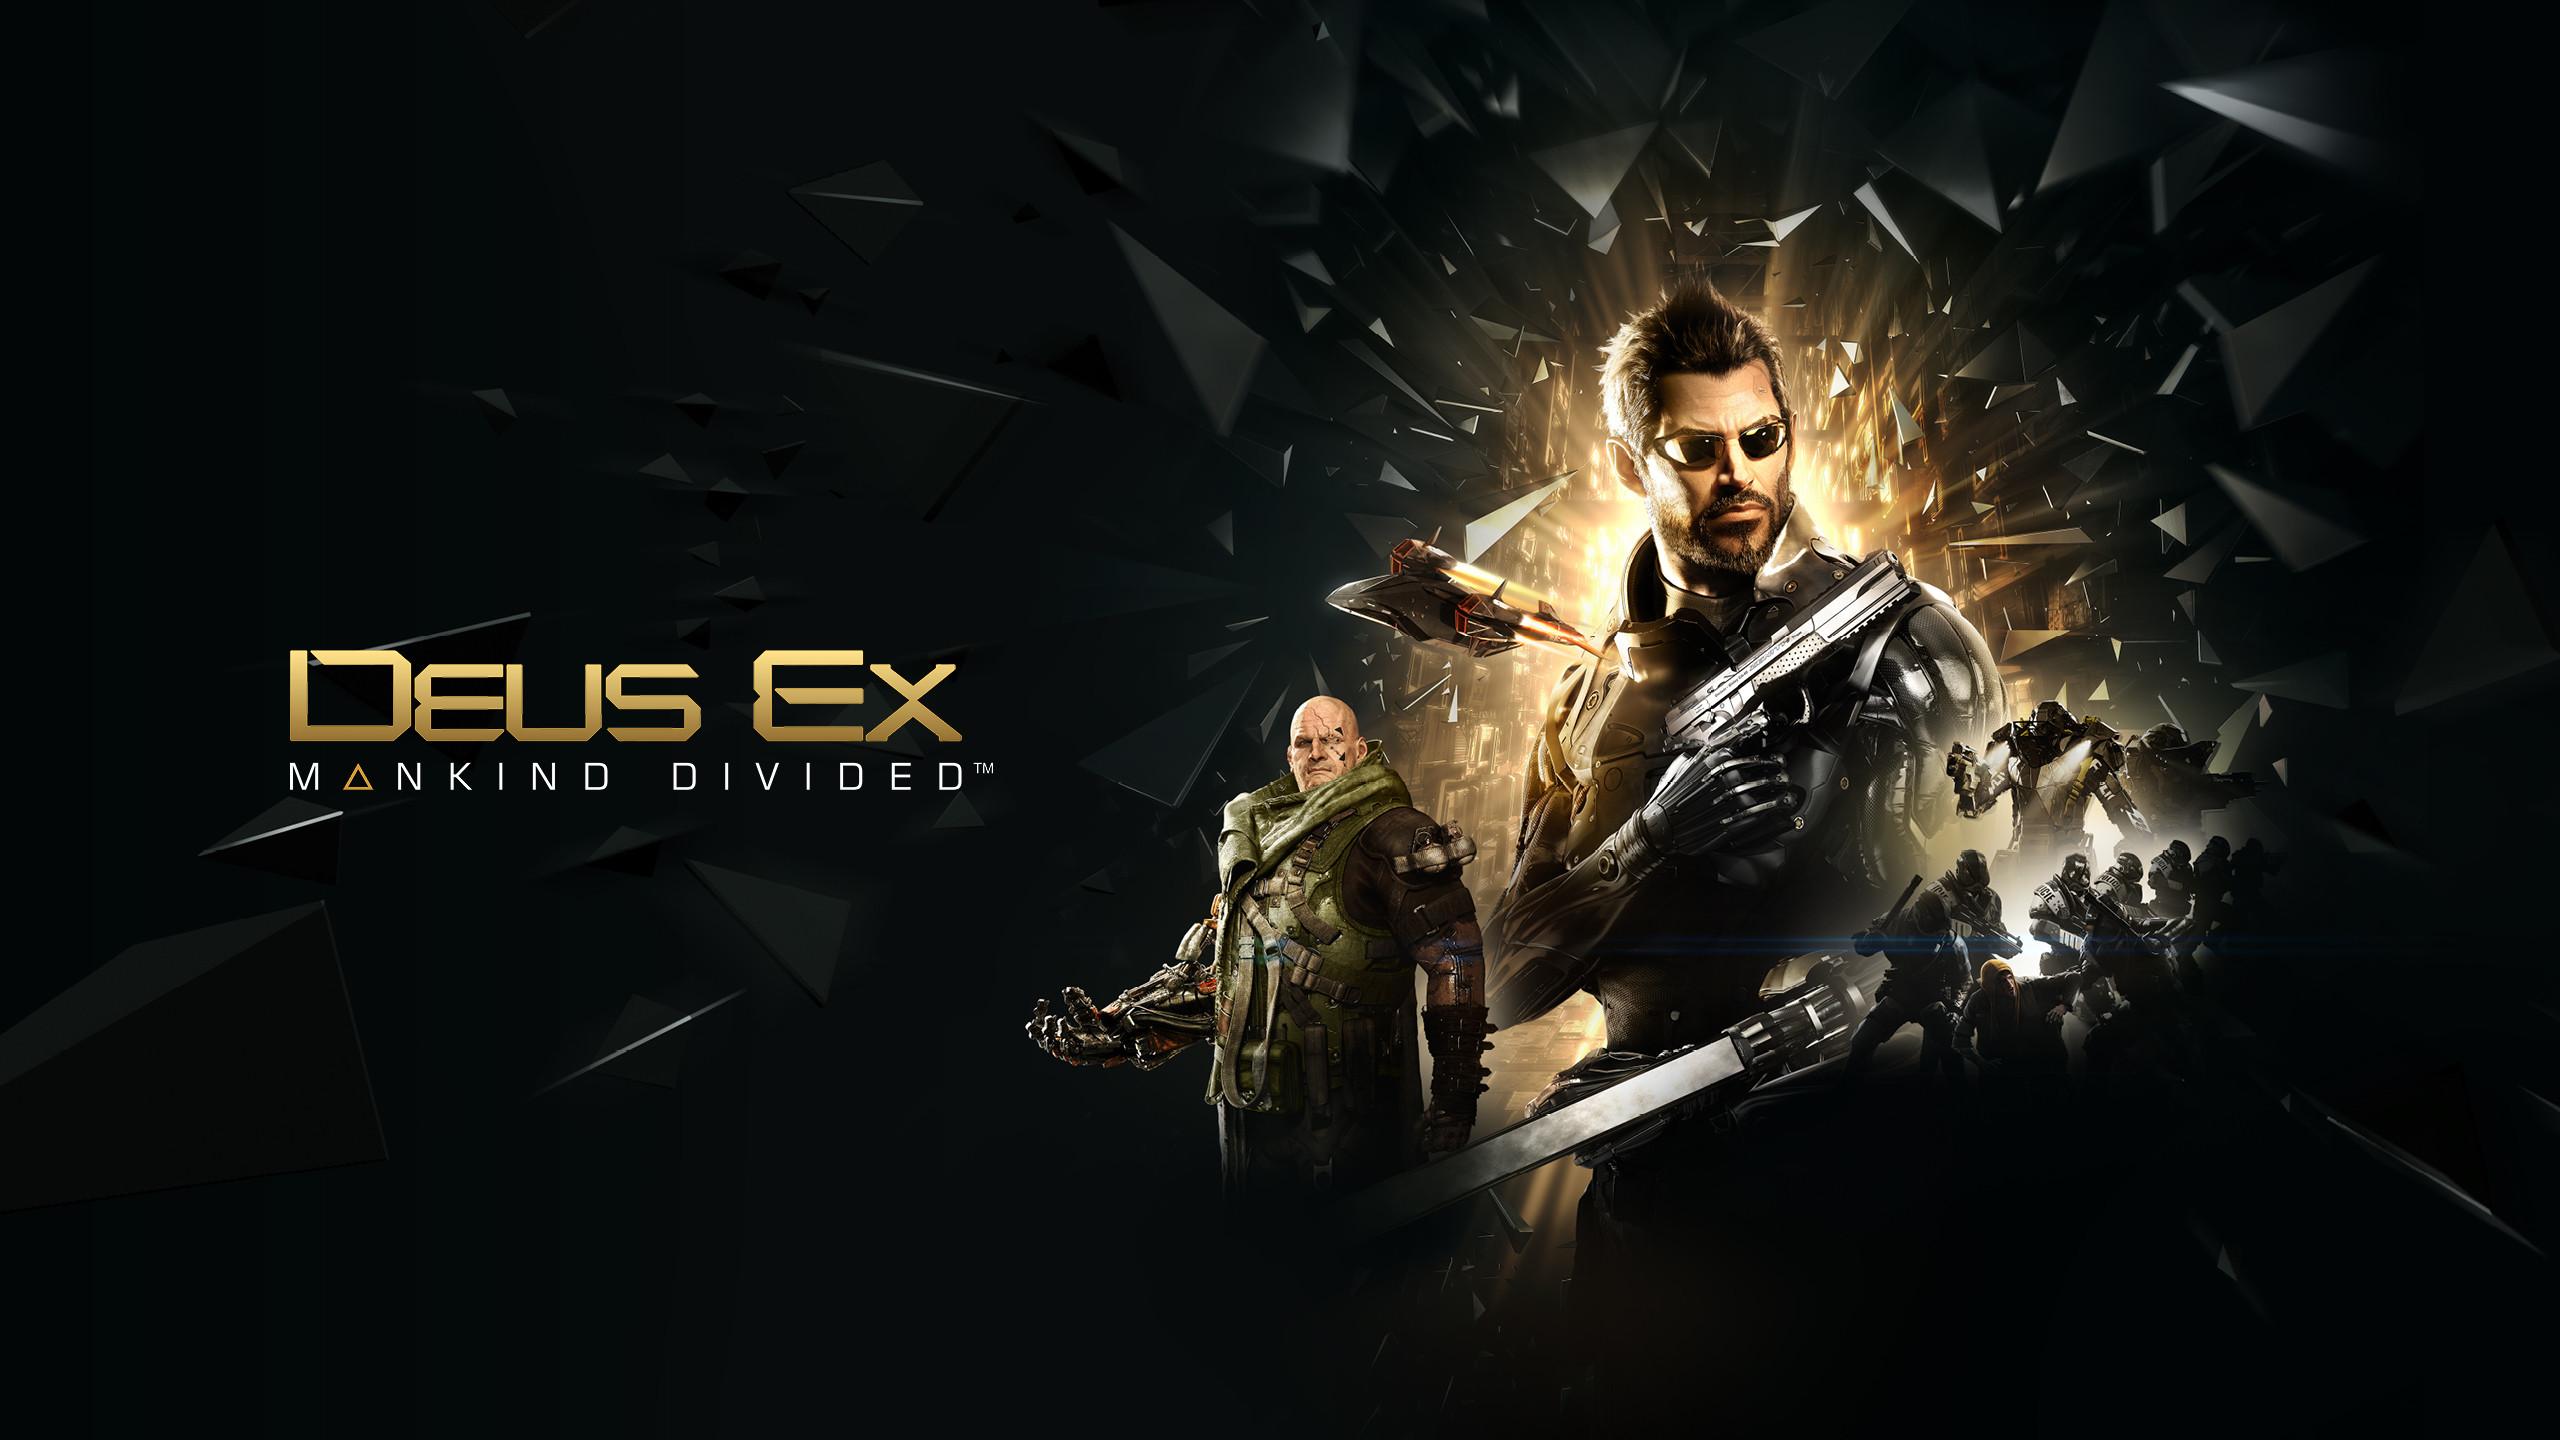 Deus Ex Wallpapers 77 Images